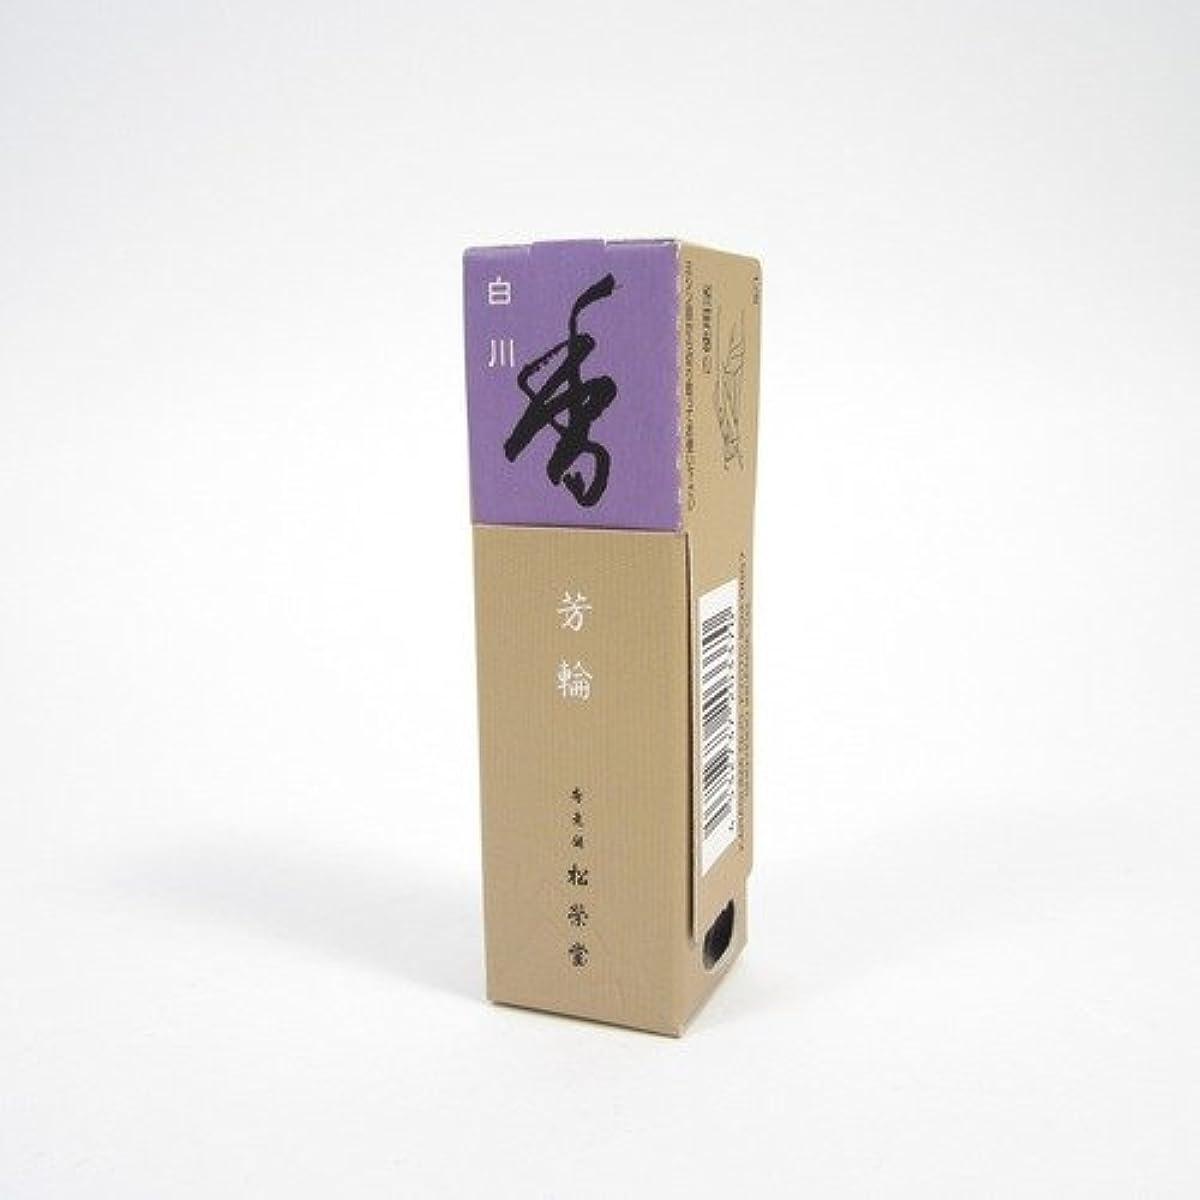 特権しばしば甘美な松栄堂のお香 芳輪白川 ST20本入 簡易香立付 #210623